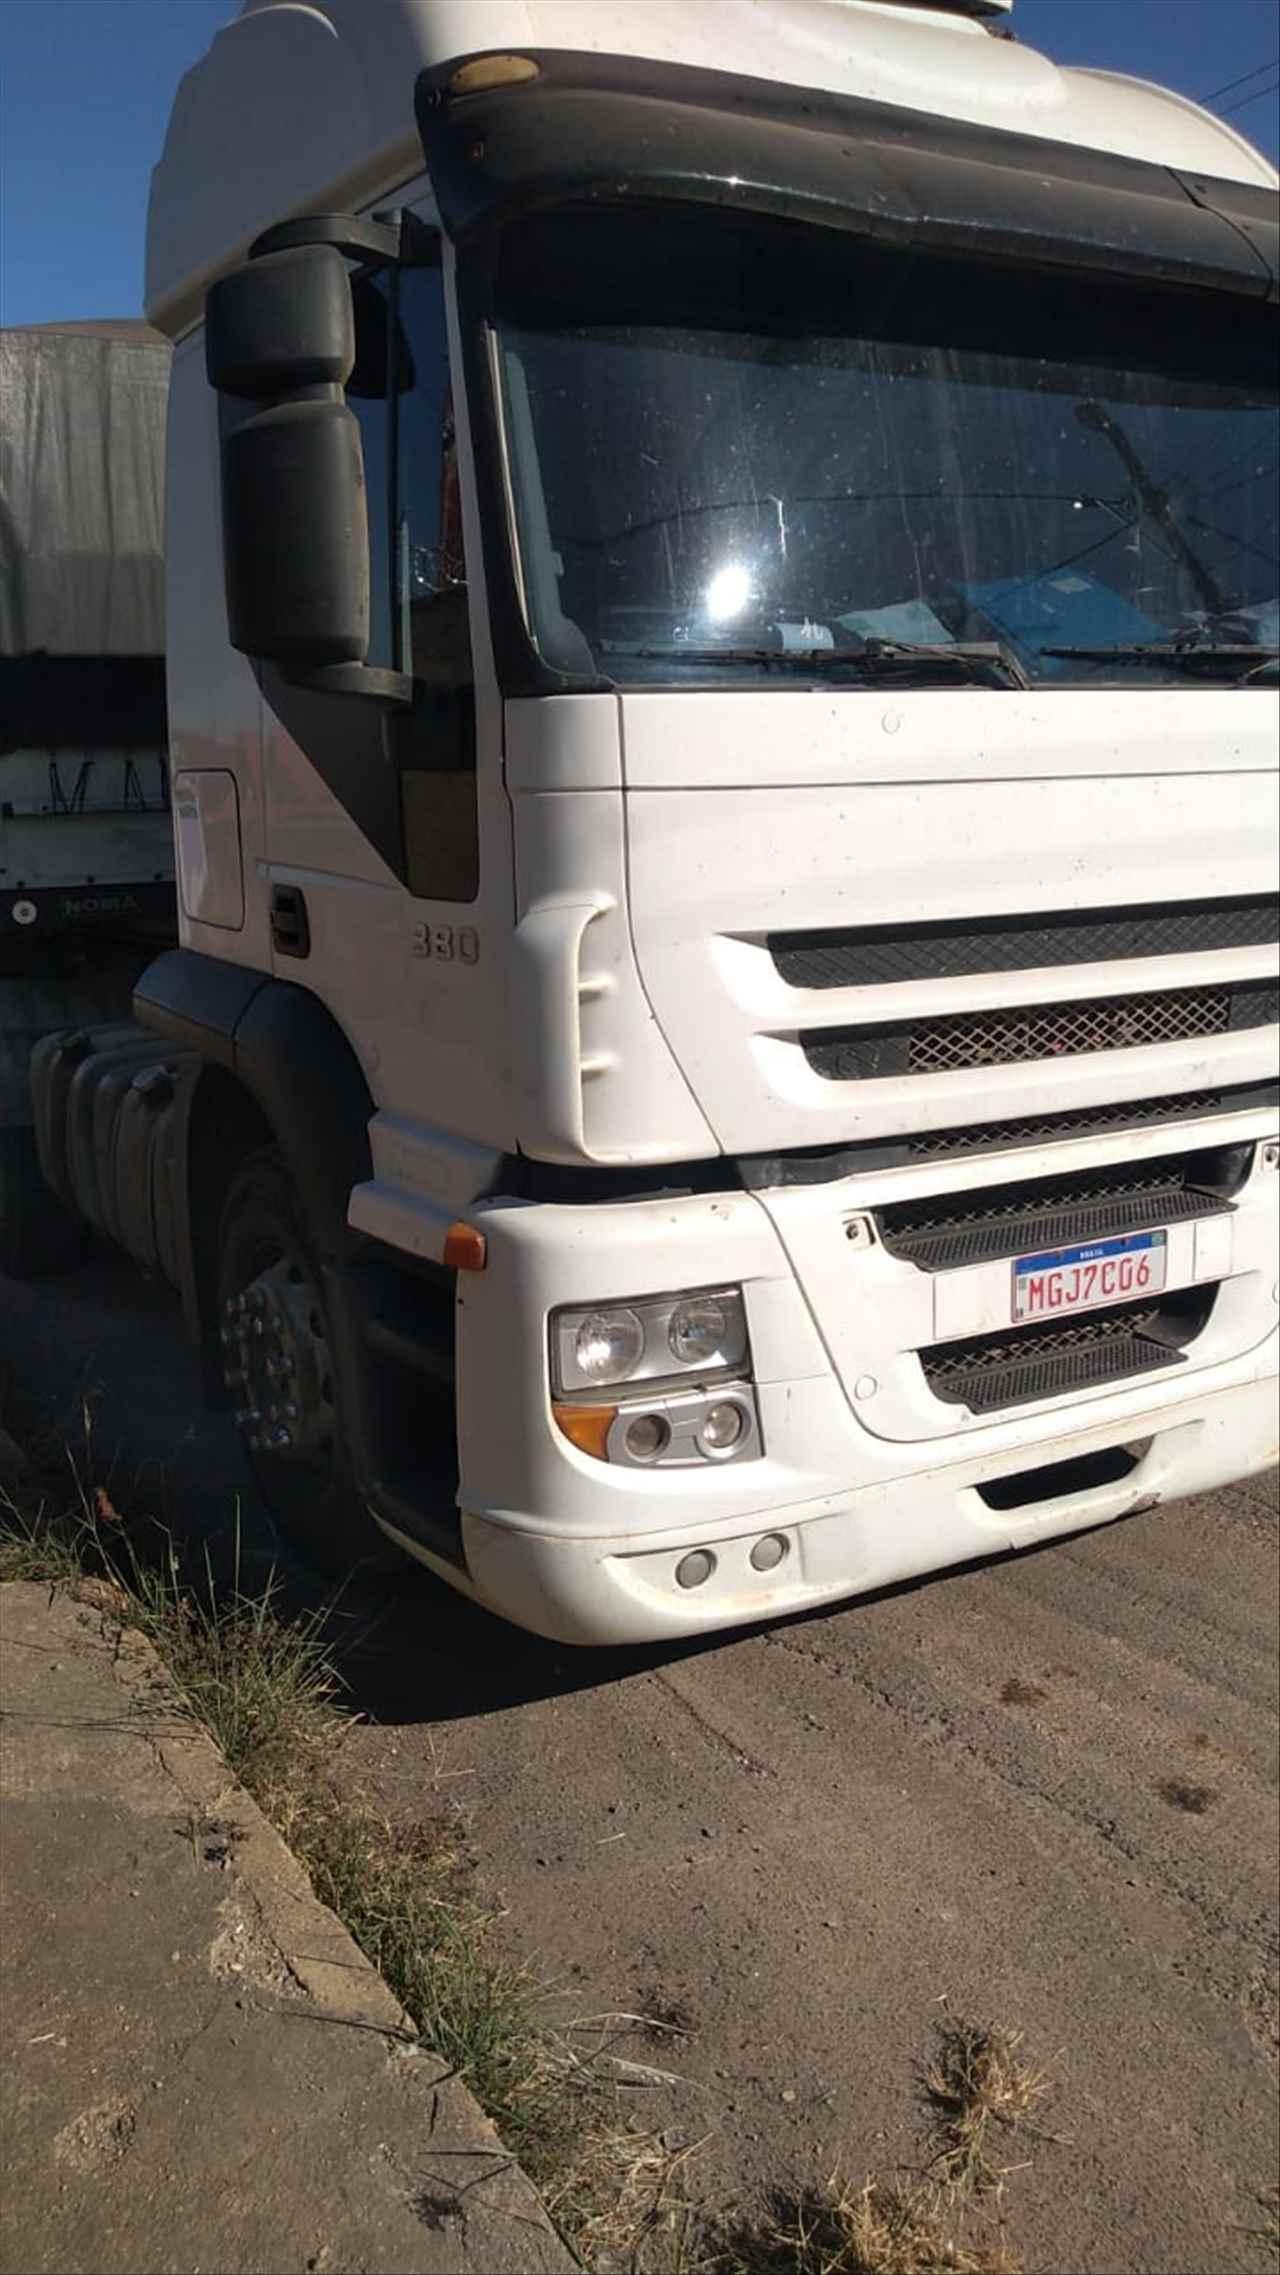 CAMINHAO IVECO STRALIS 380 Cavalo Mecânico Truck 6x2 Cotral Caminhões SERRA DO SALITRE MINAS GERAIS MG